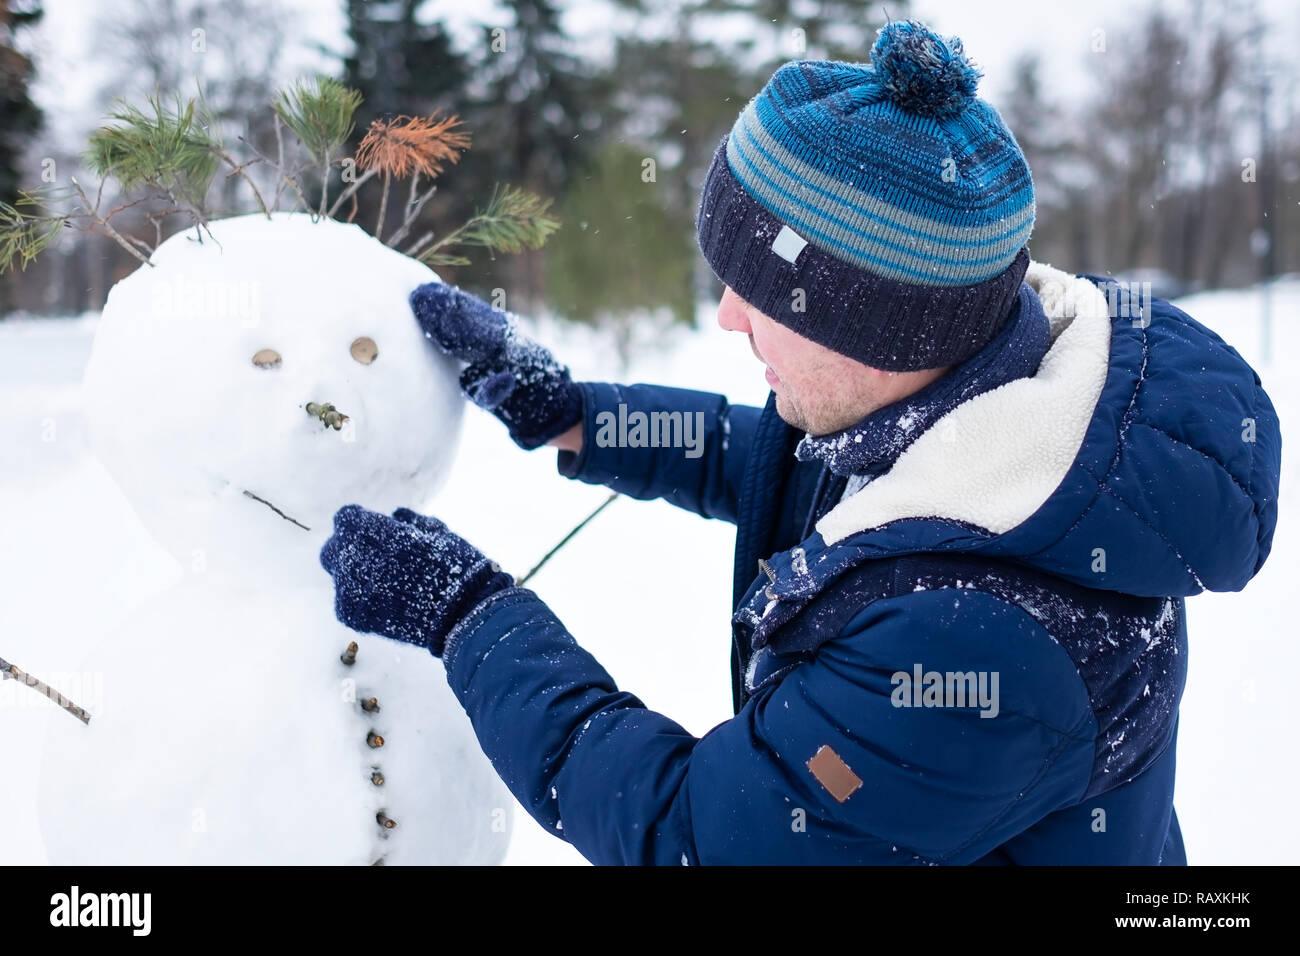 Los Jóvenes Europeos Hombre En Ropa De Abrigo Haciendo El Muñeco De Nieve De La Nieve En El Exterior Divirtiéndose Como Un Niño En Vacaciones De Invierno Fotografía De Stock Alamy